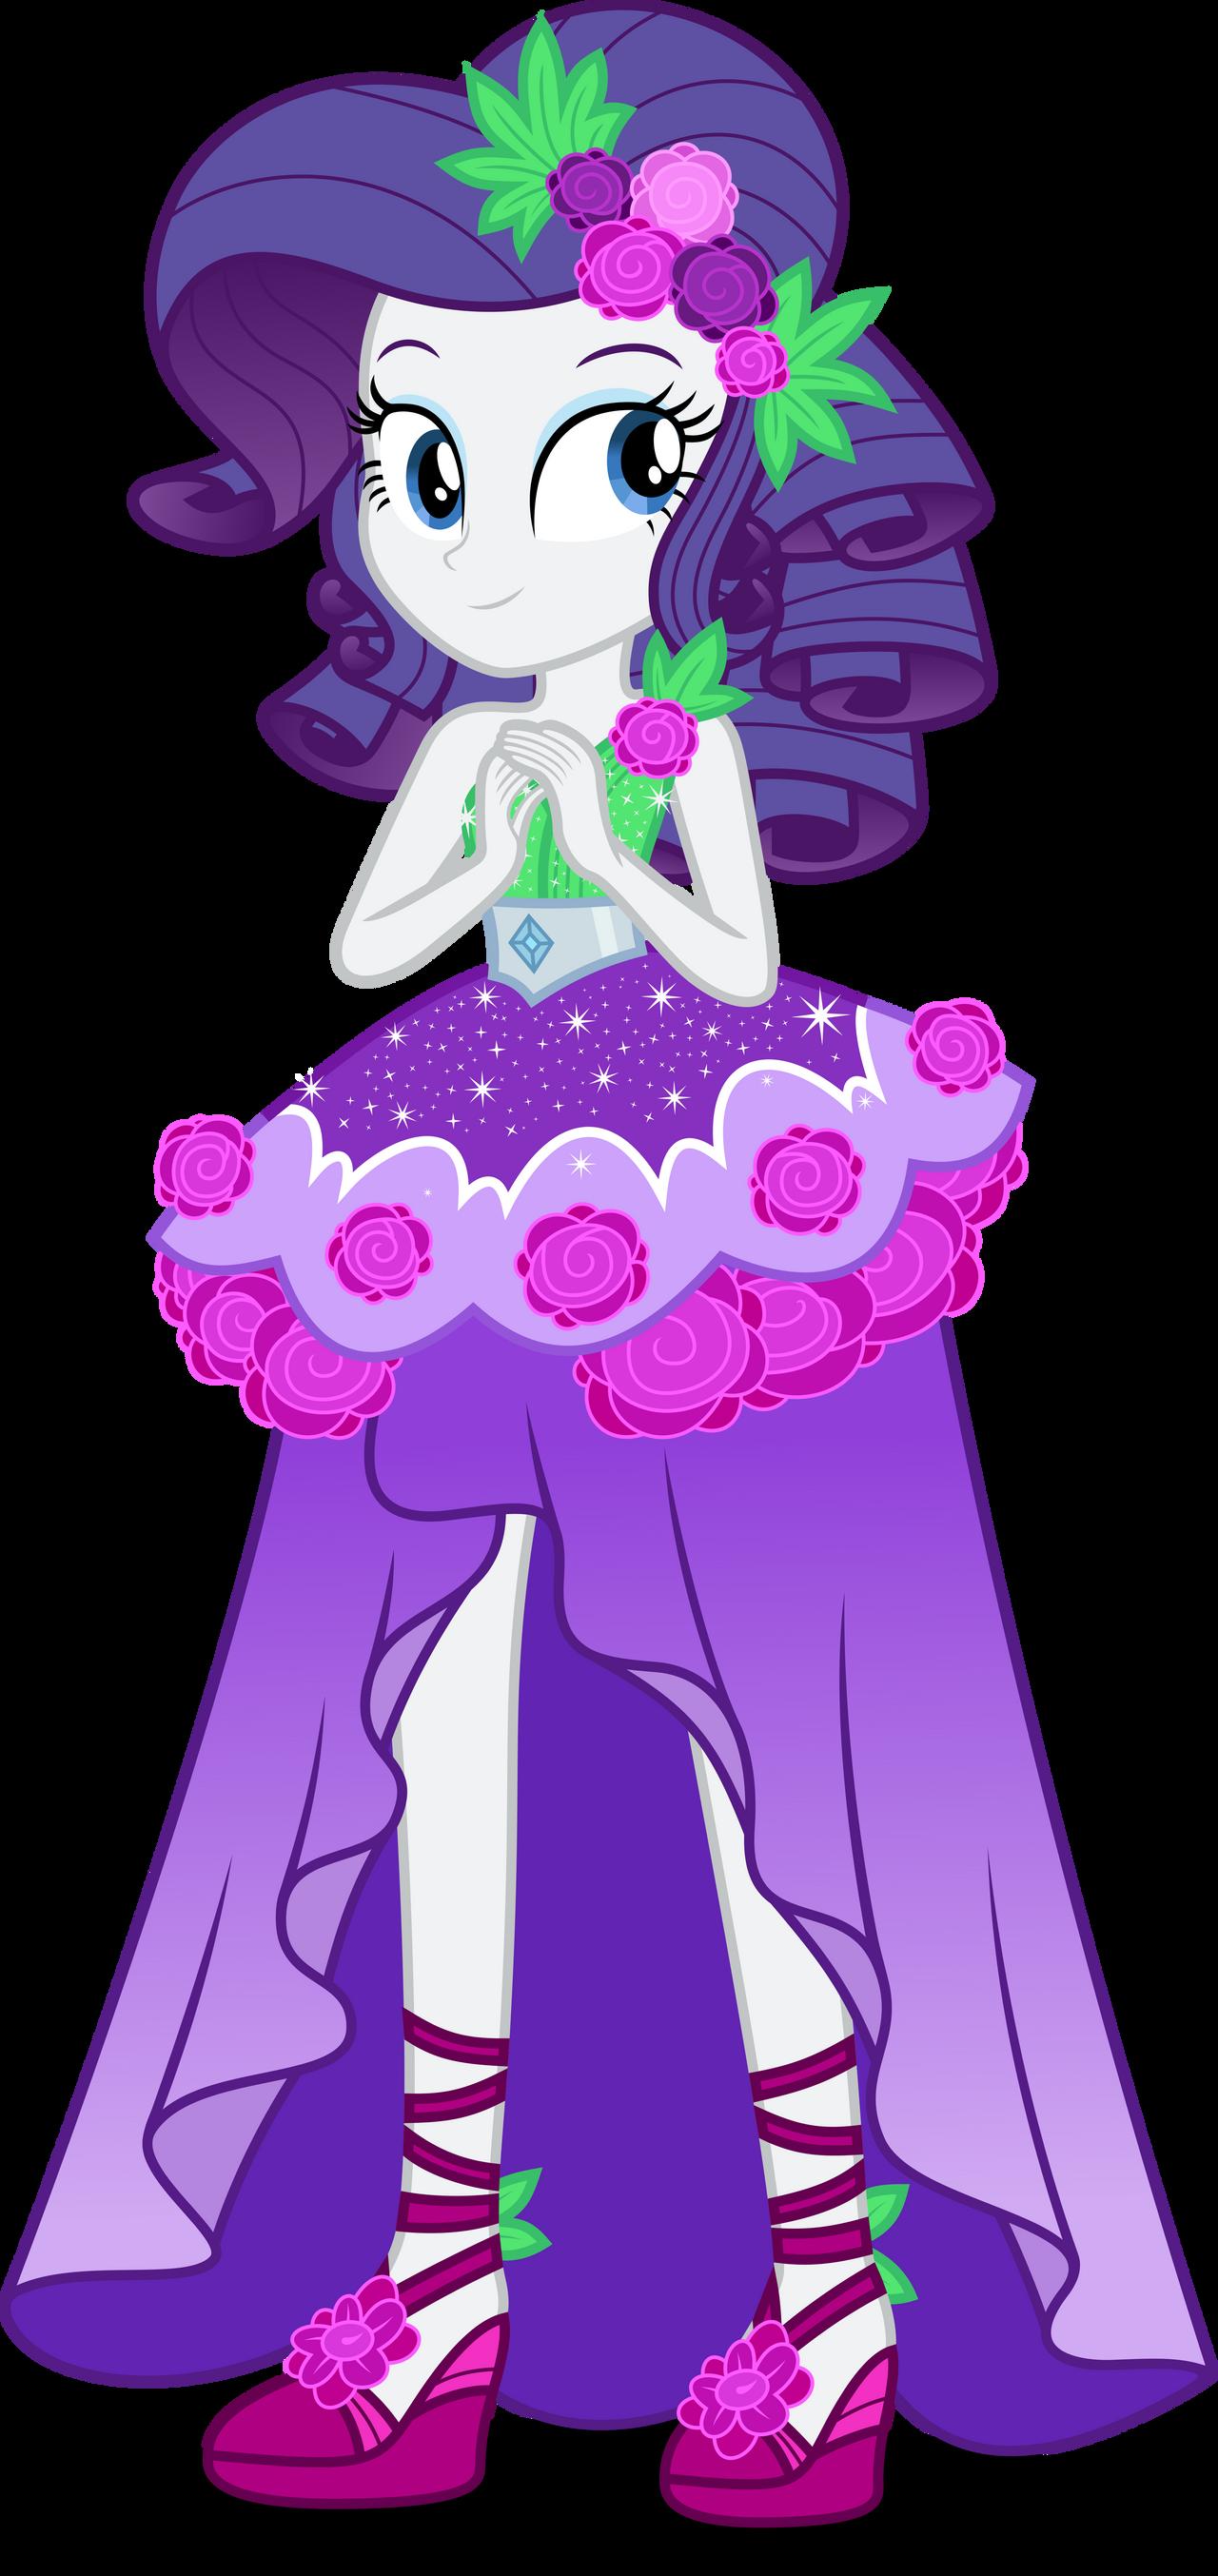 Little Girl Purple Dress Shoes